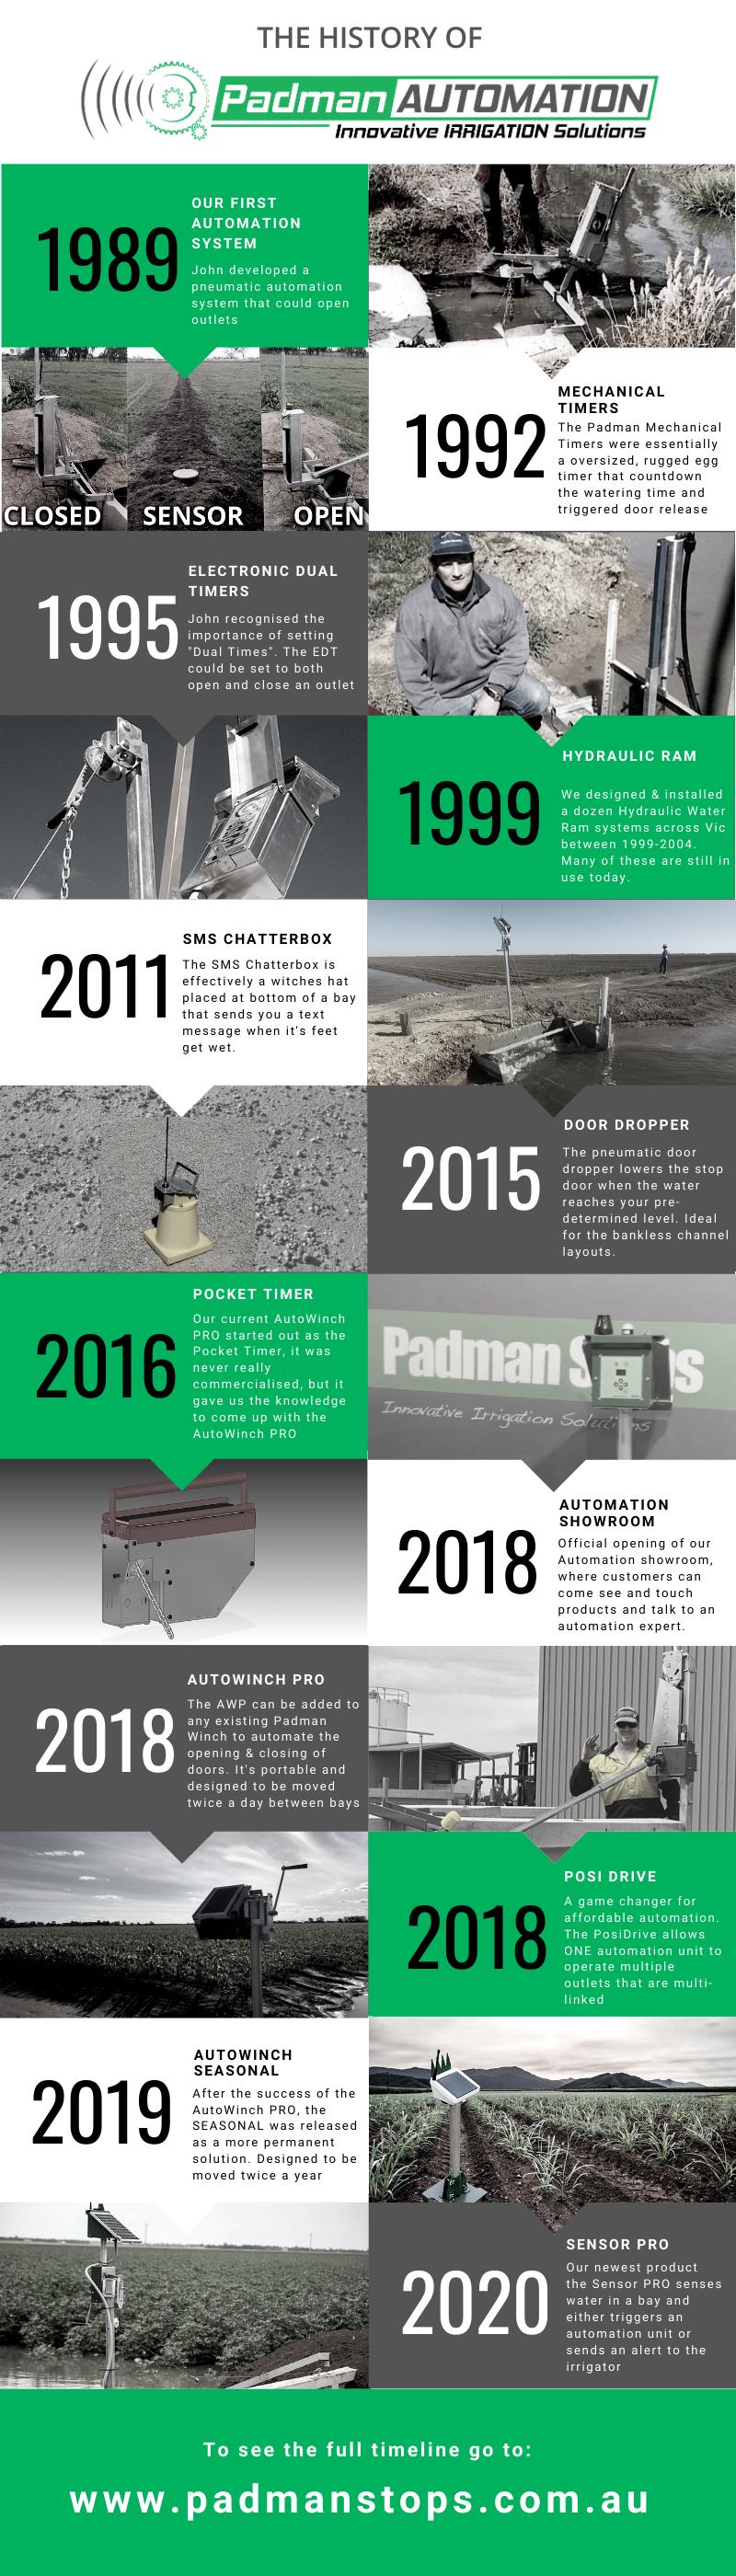 Automation Timeline 6